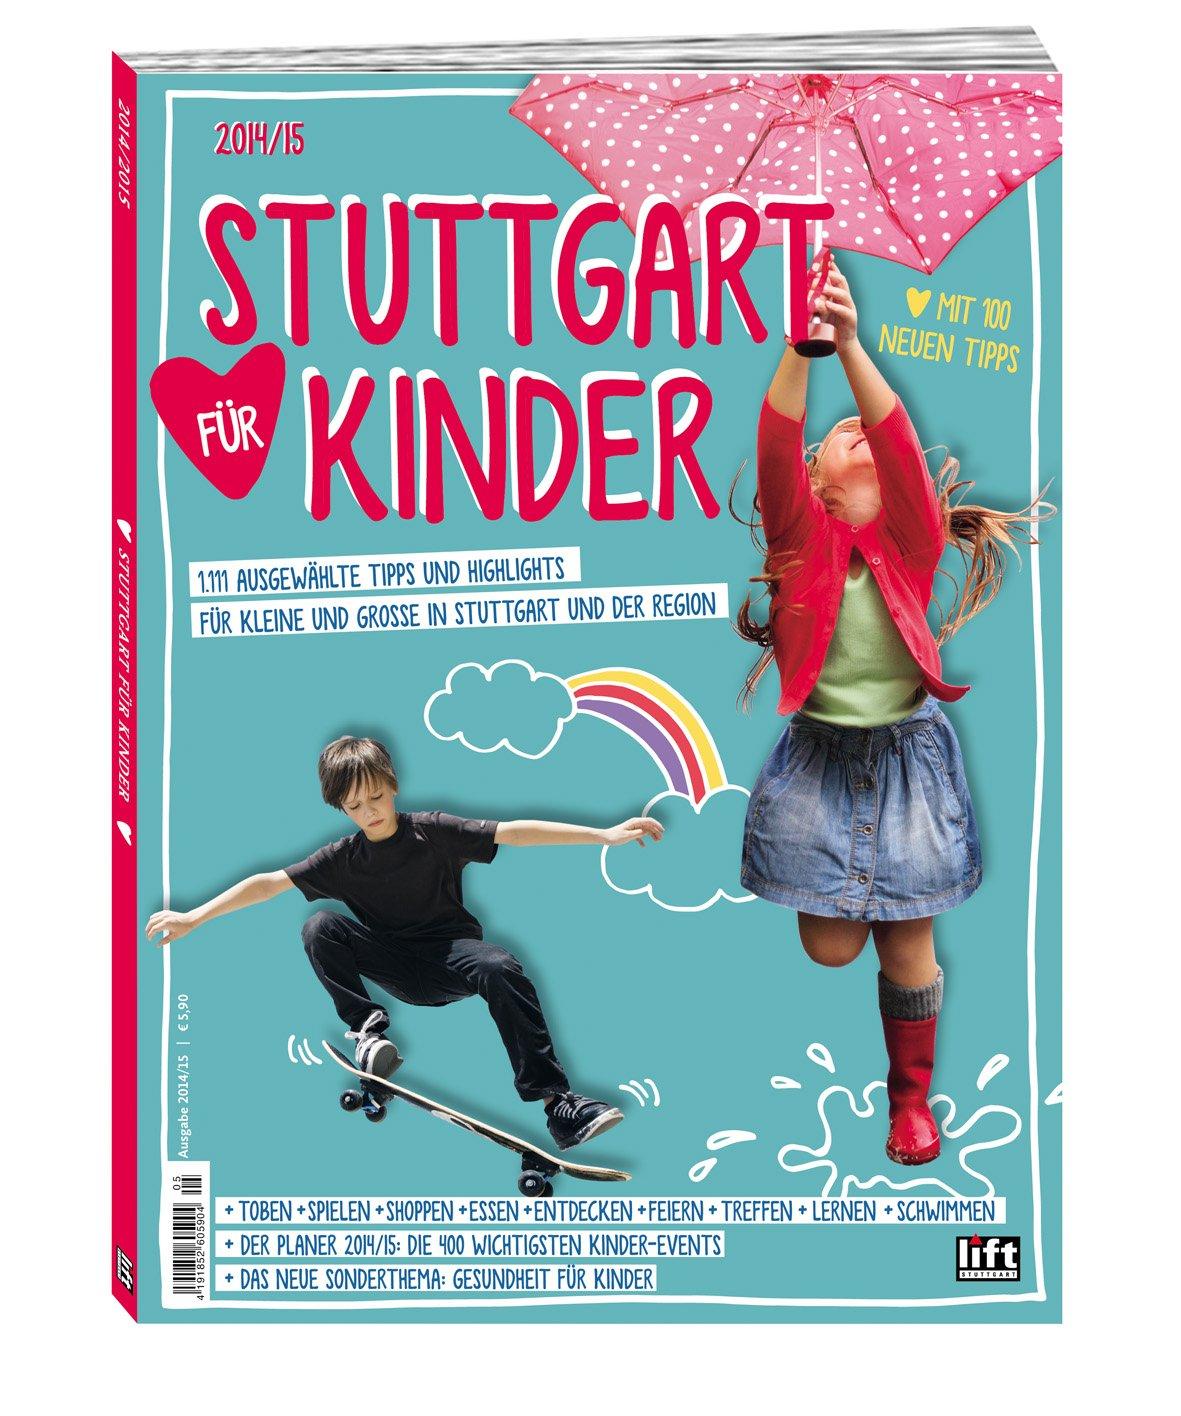 Stuttgart für Kinder 2014/15: 1.111 ausgewählte Tipps und Highlights für Kleine und Große in Stuttgart und der Region